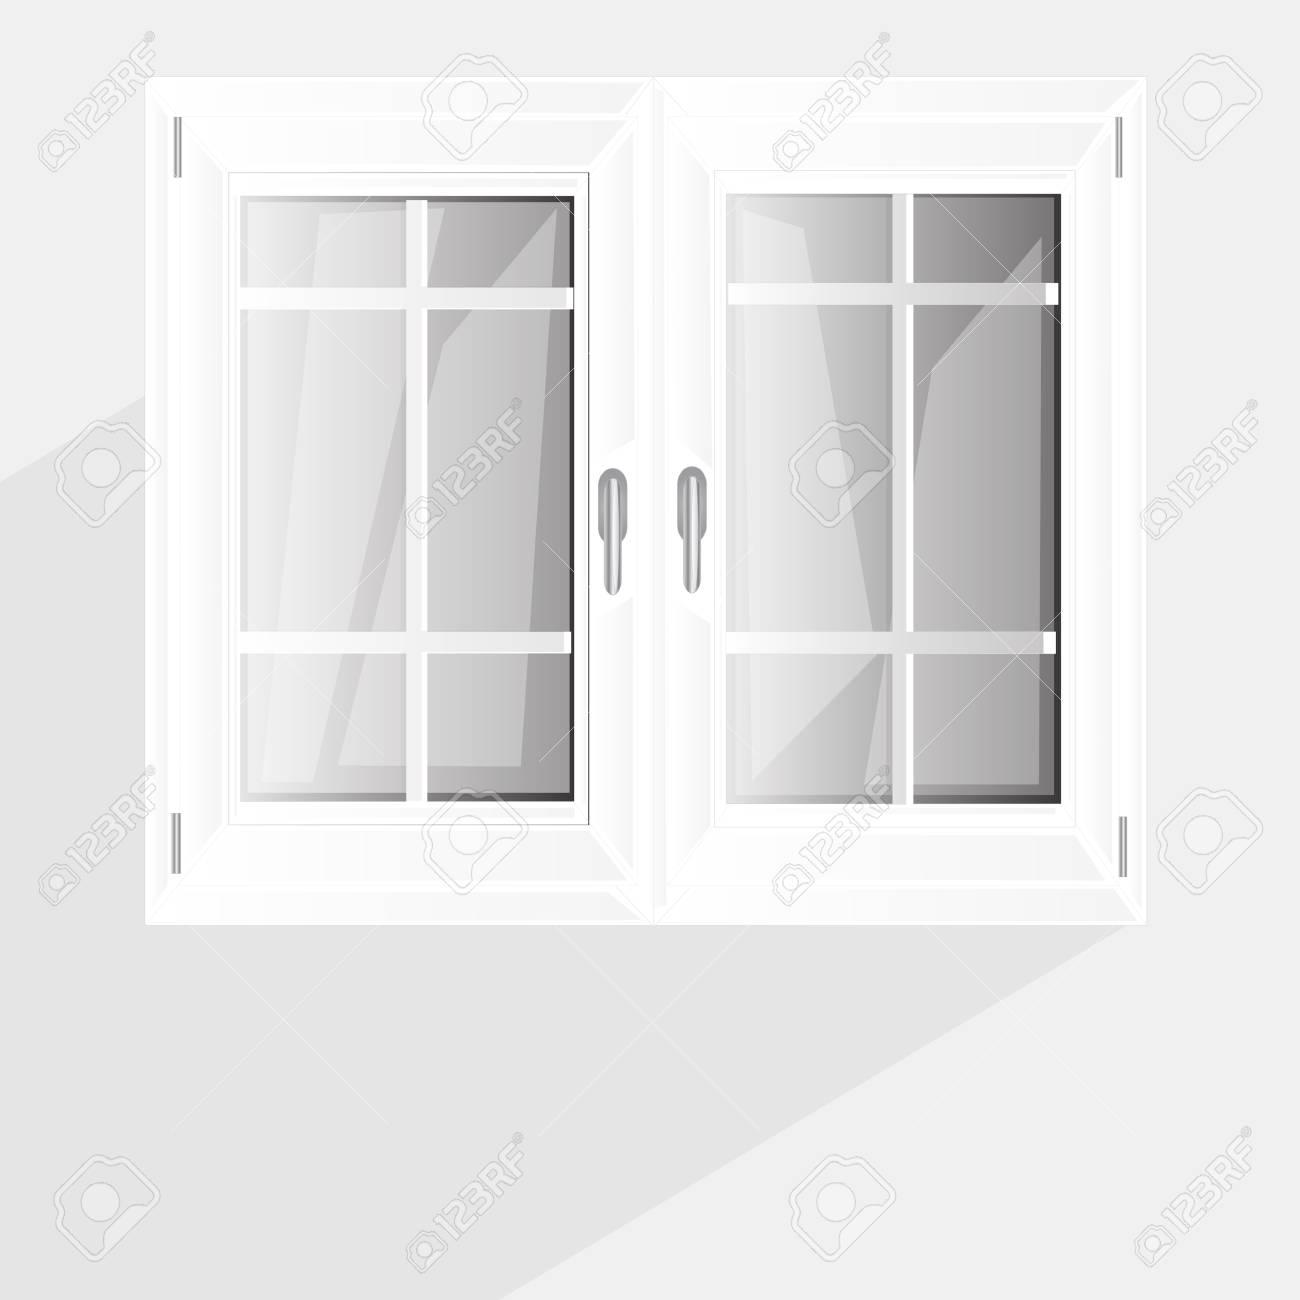 Full Size of Vector Fenster Kunststoff Glosed Abbildung Inter Wei Lizenzfrei Velux Preise Aluplast Marken Trier Sonnenschutz Drutex Auf Maß Stores Wärmeschutzfolie Holz Fenster Fenster Kunststoff